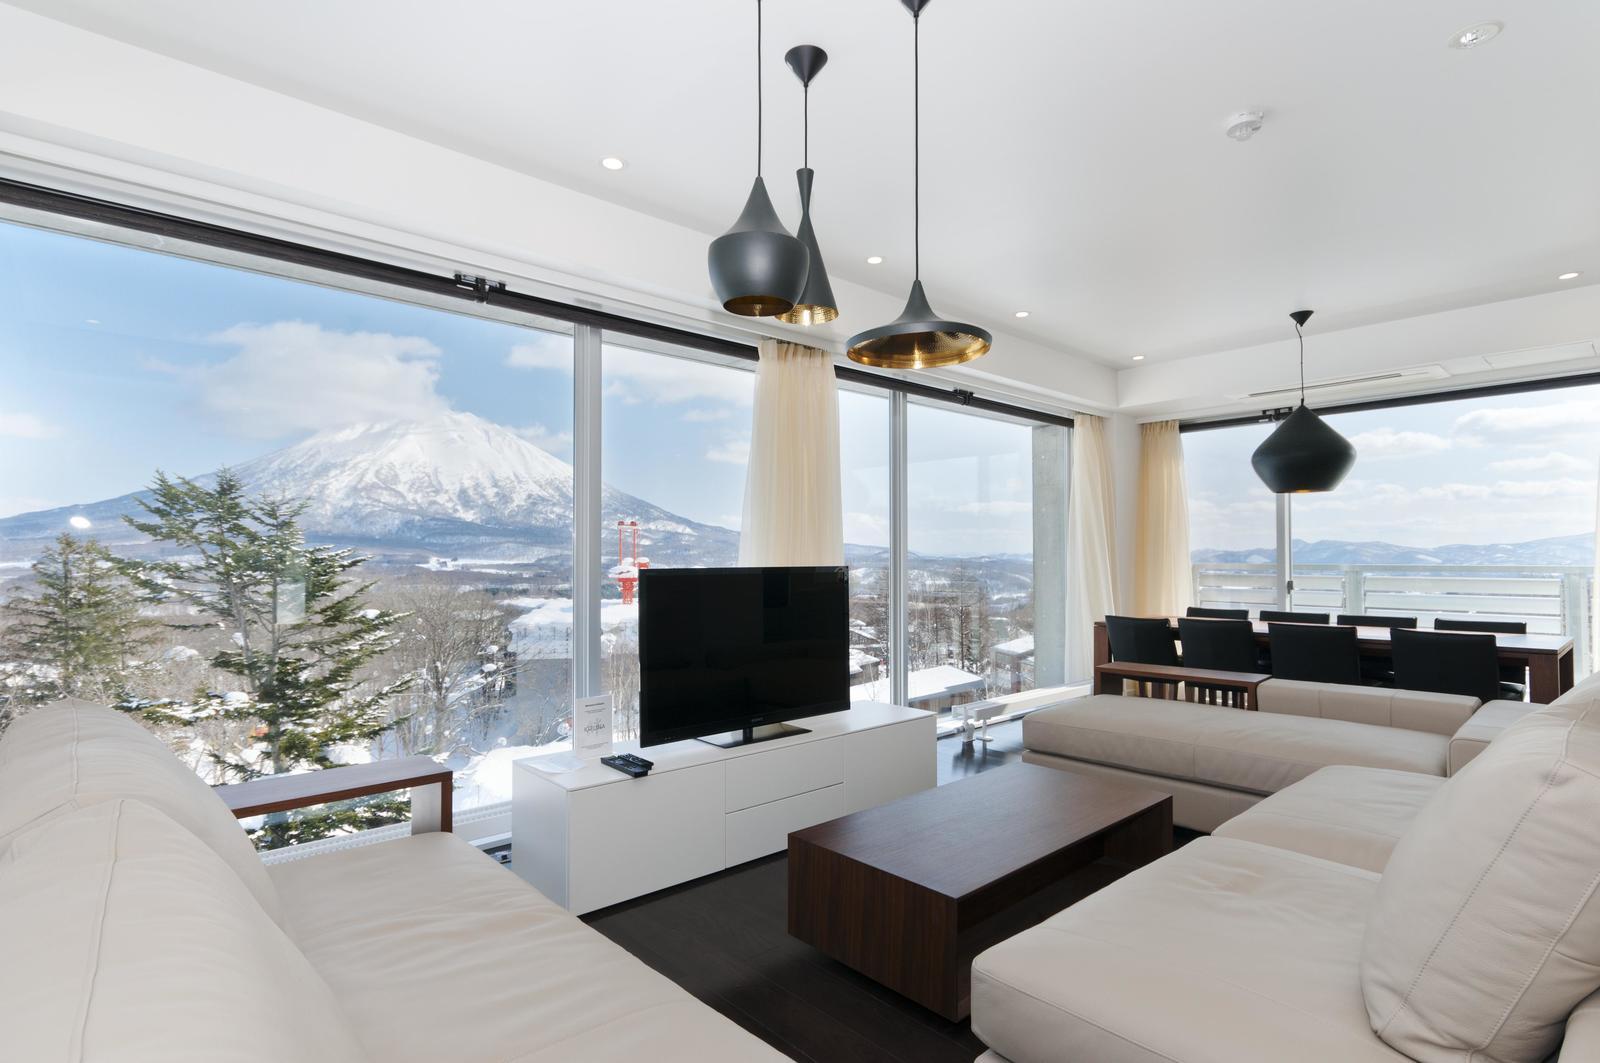 Kizuna 3bdr penthouse large